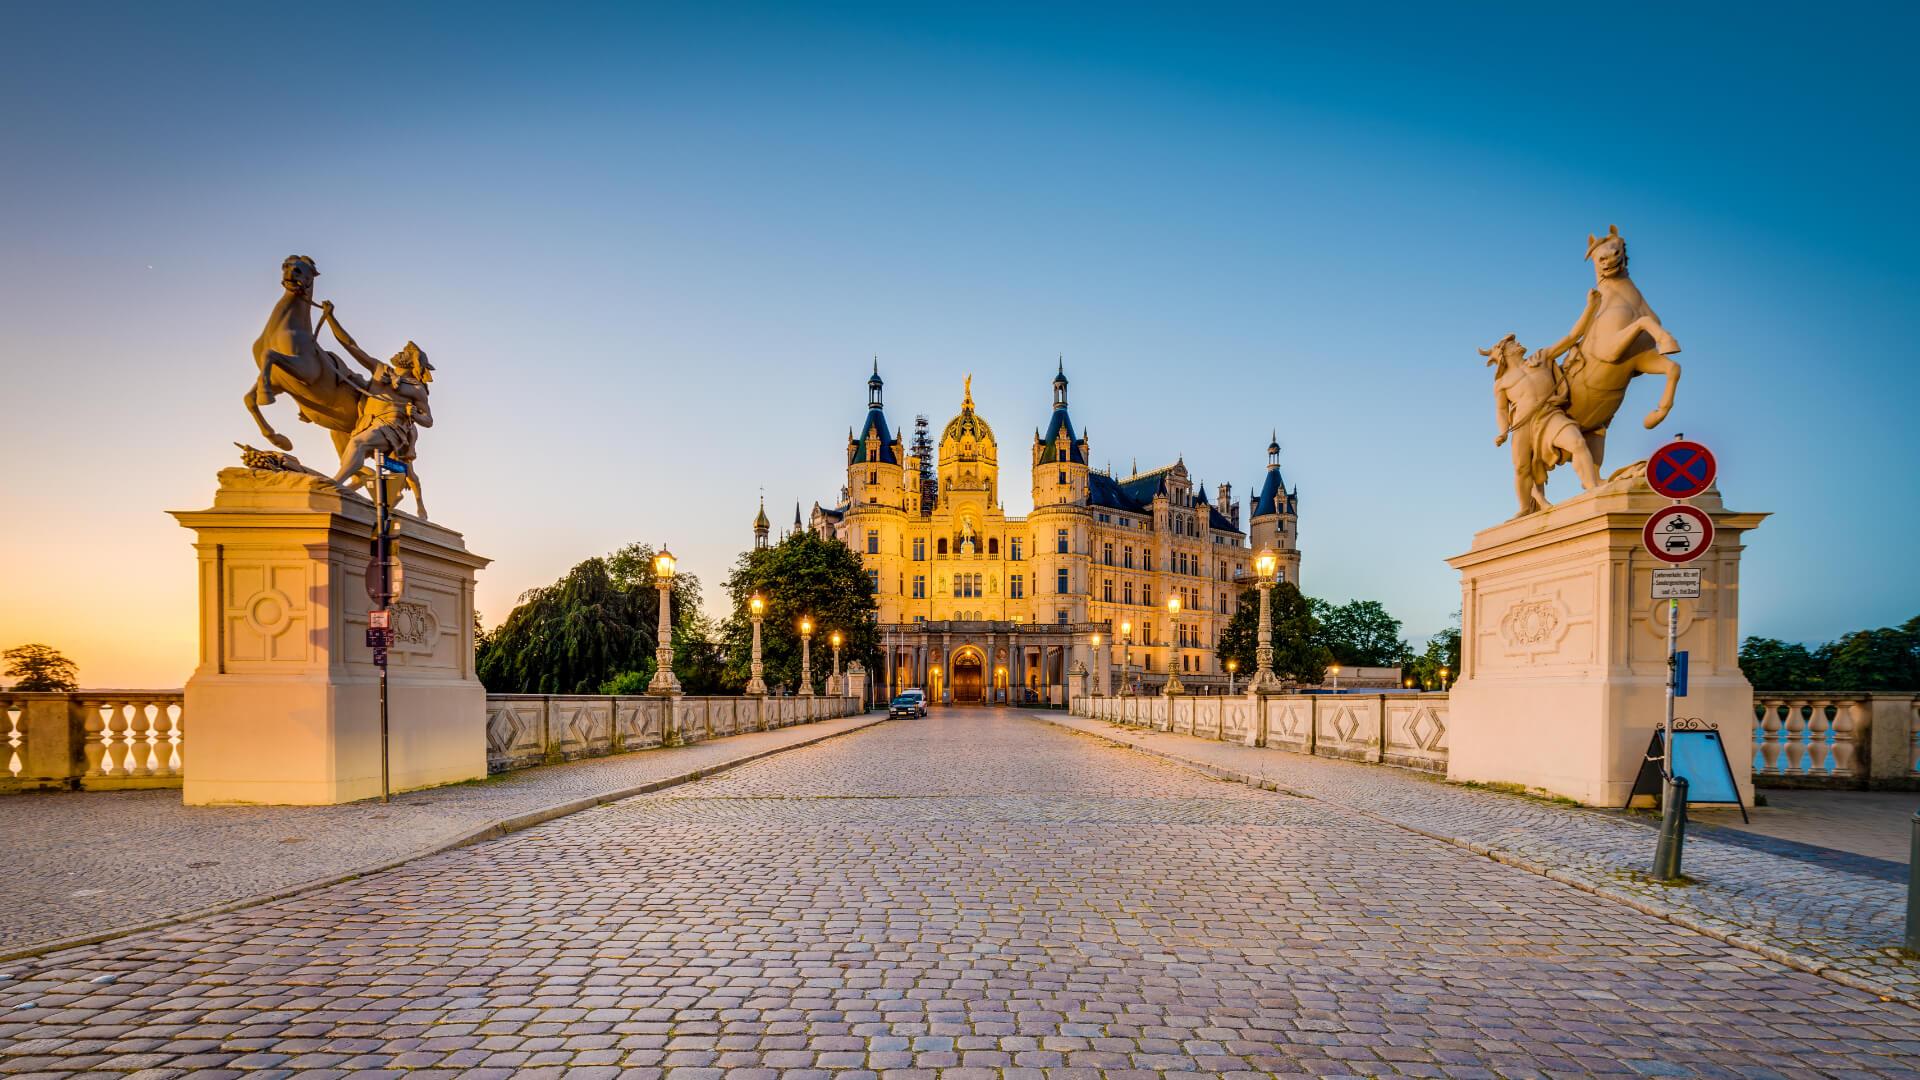 Kuzey Almanya'nın Gizli Kalmış Masalsı Şehri: Schwerin